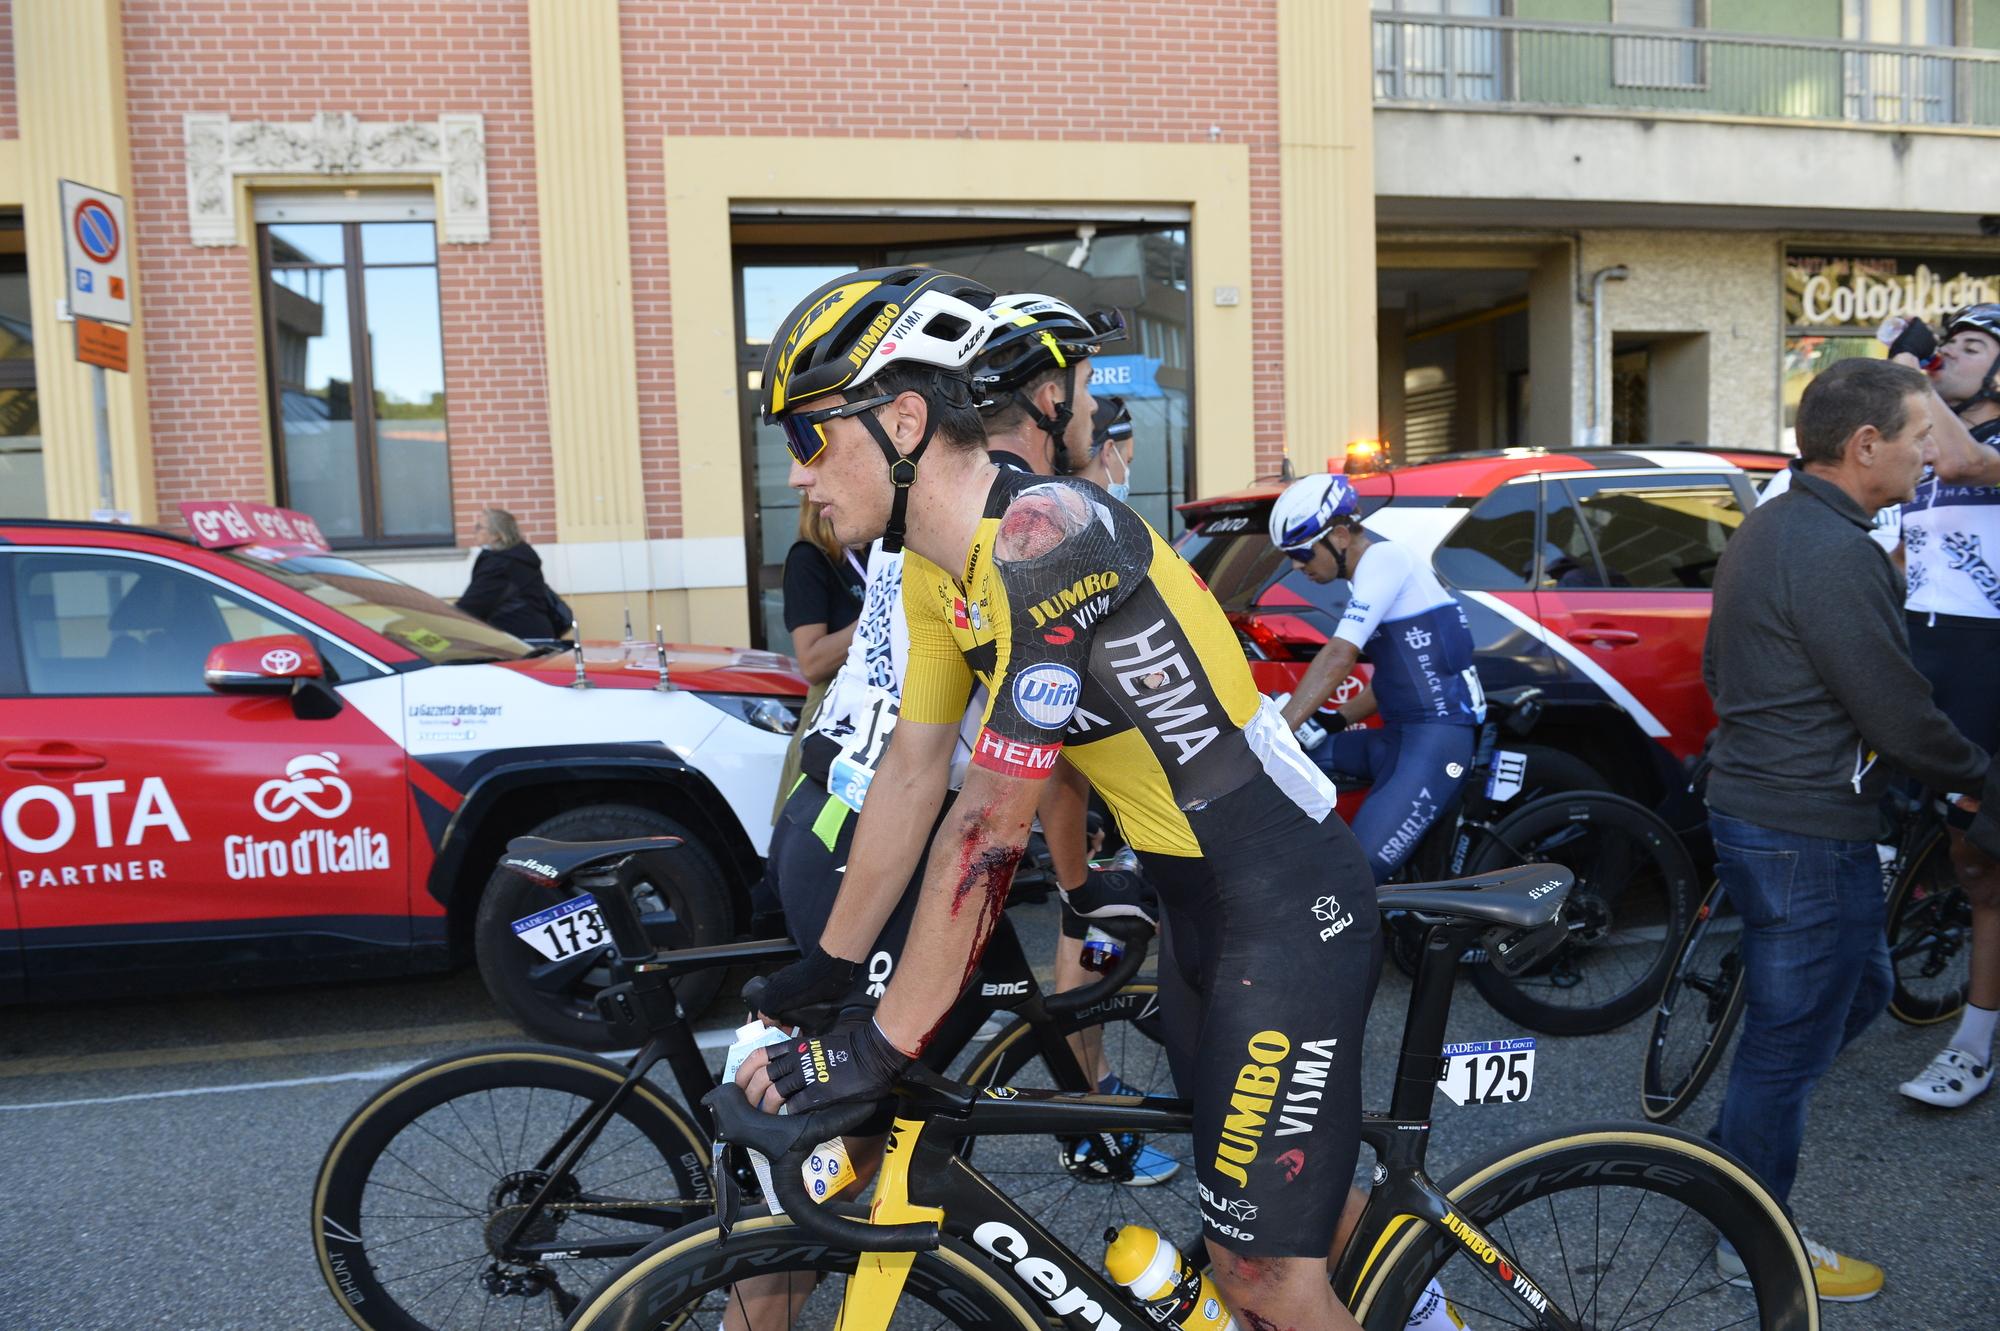 La caída no fue suficiente para evitar que Olav Kooij subiera al podio en el Gran Piemonte